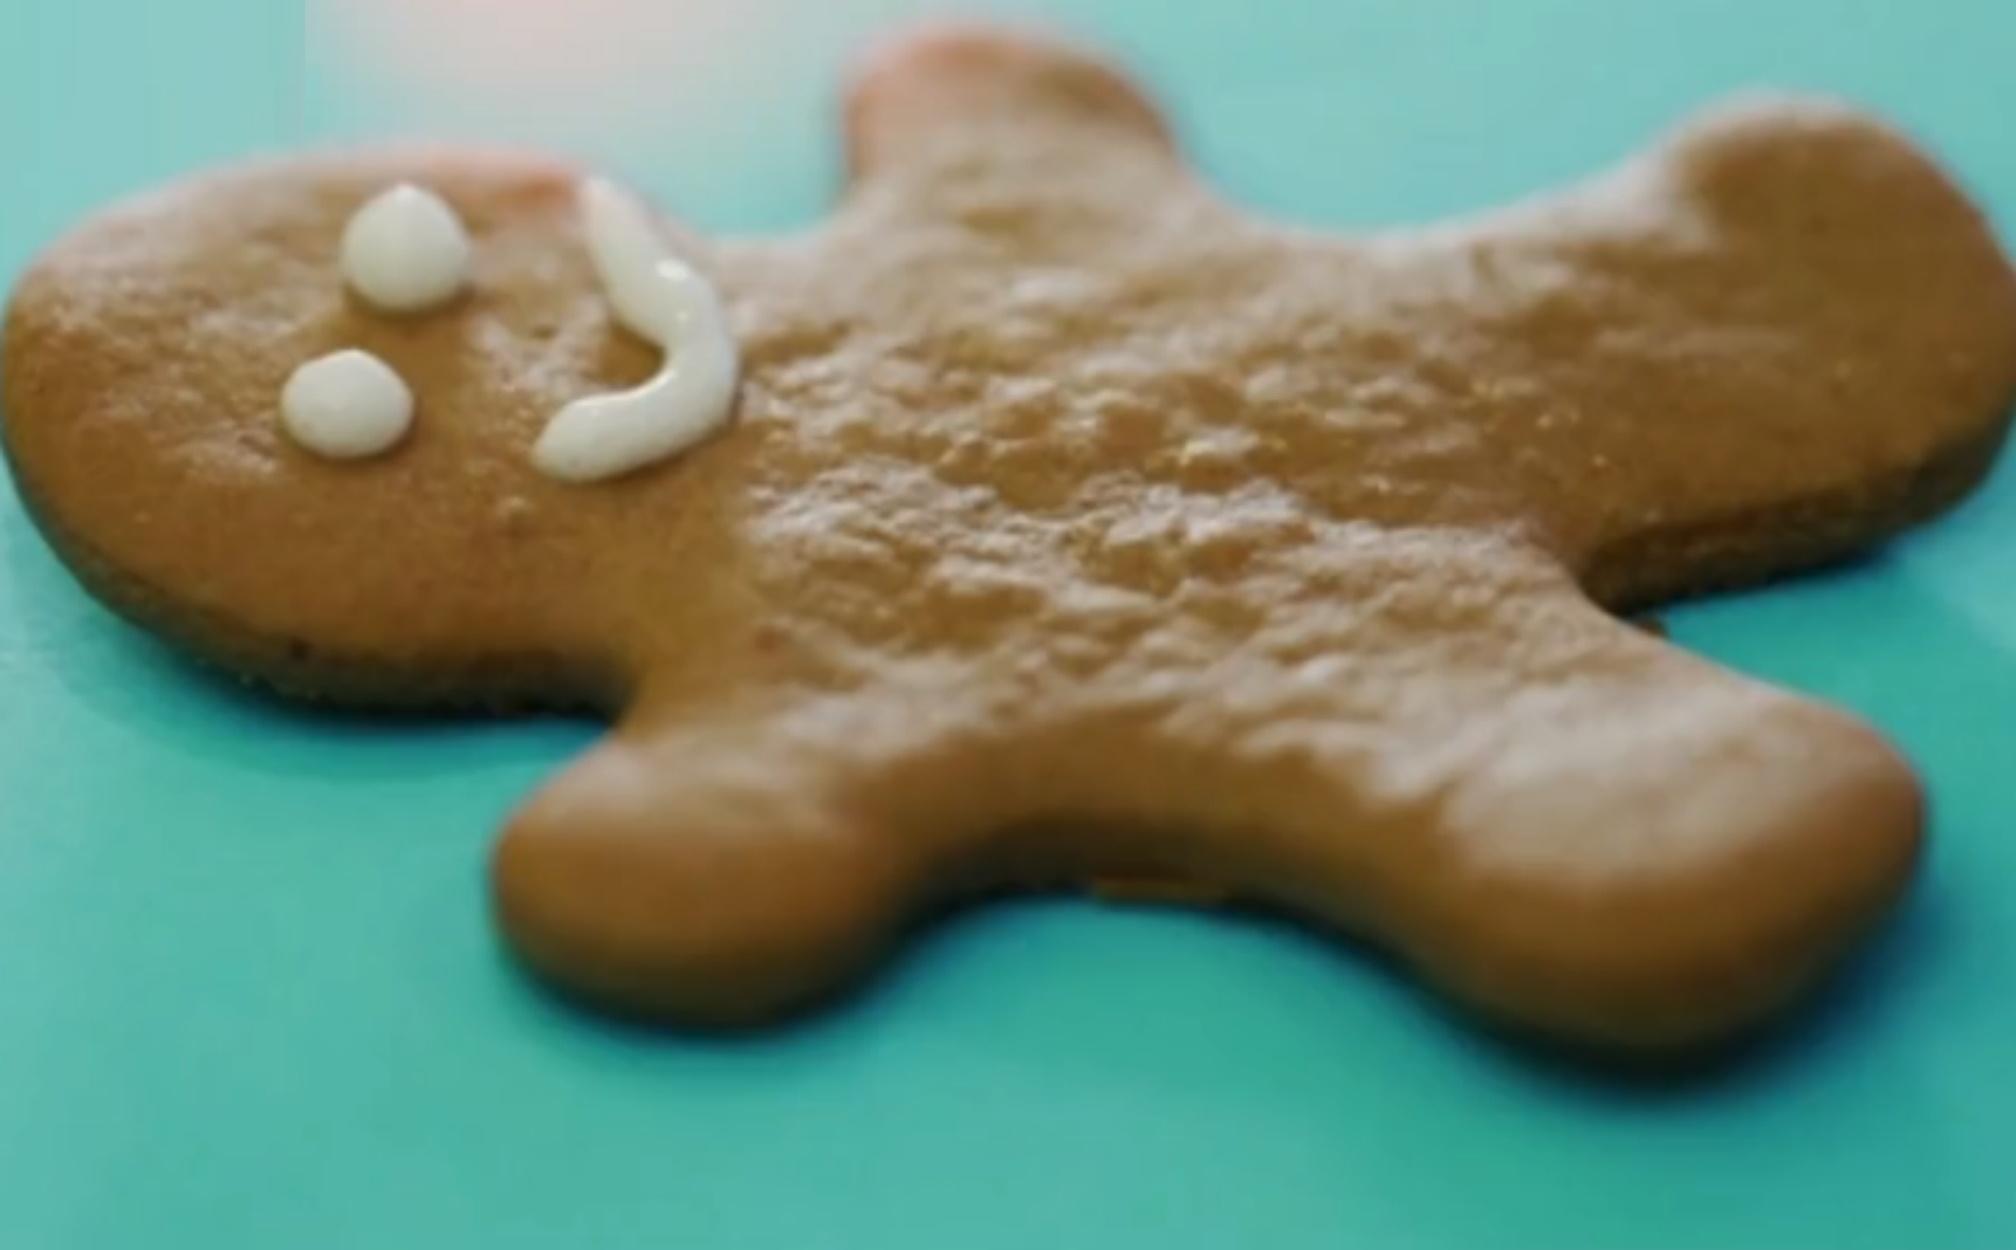 Δέκα απίστευτα χριστουγεννιάτικα ρεκόρ που έχουν βρει τη θέση τους στο βιβλίο Γκίνες!